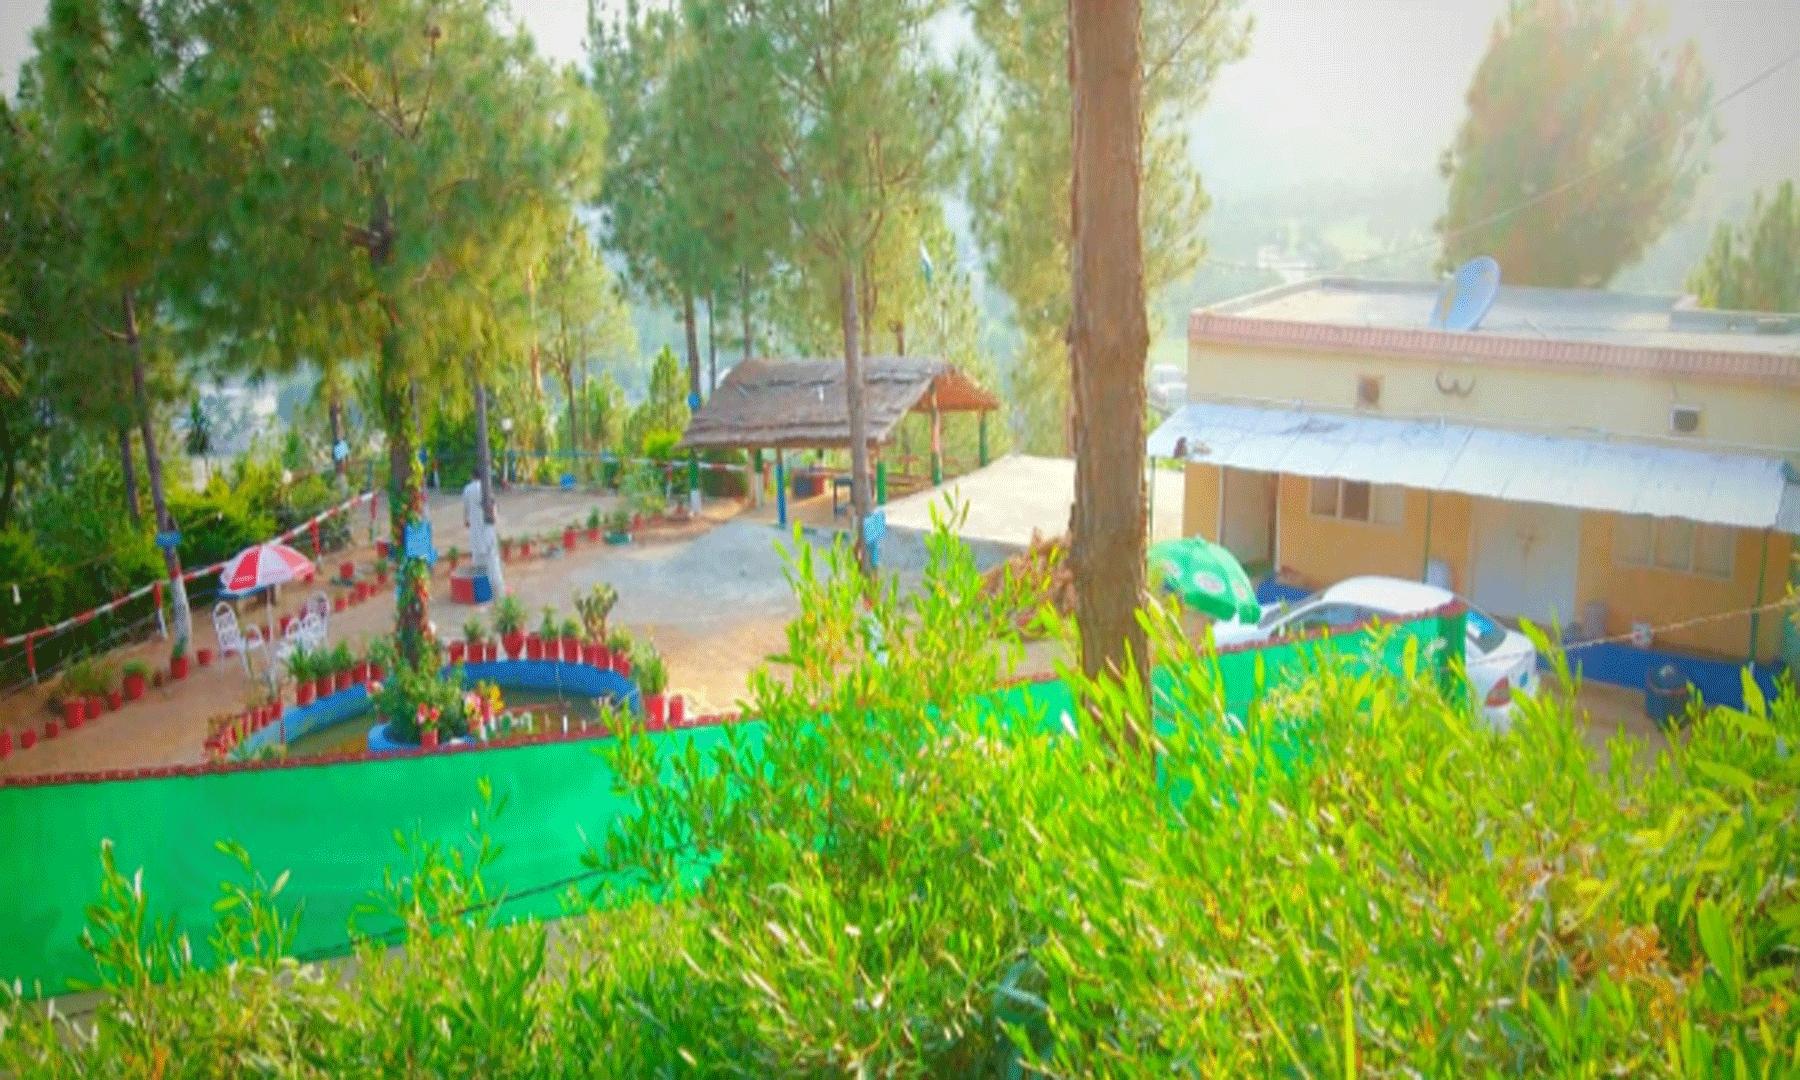 وادی لڑم  کے راستے میں پاکستان پارک یہاں کے خوبصورت مقام میں شامل ہیں—تصویر لیاقت الملک